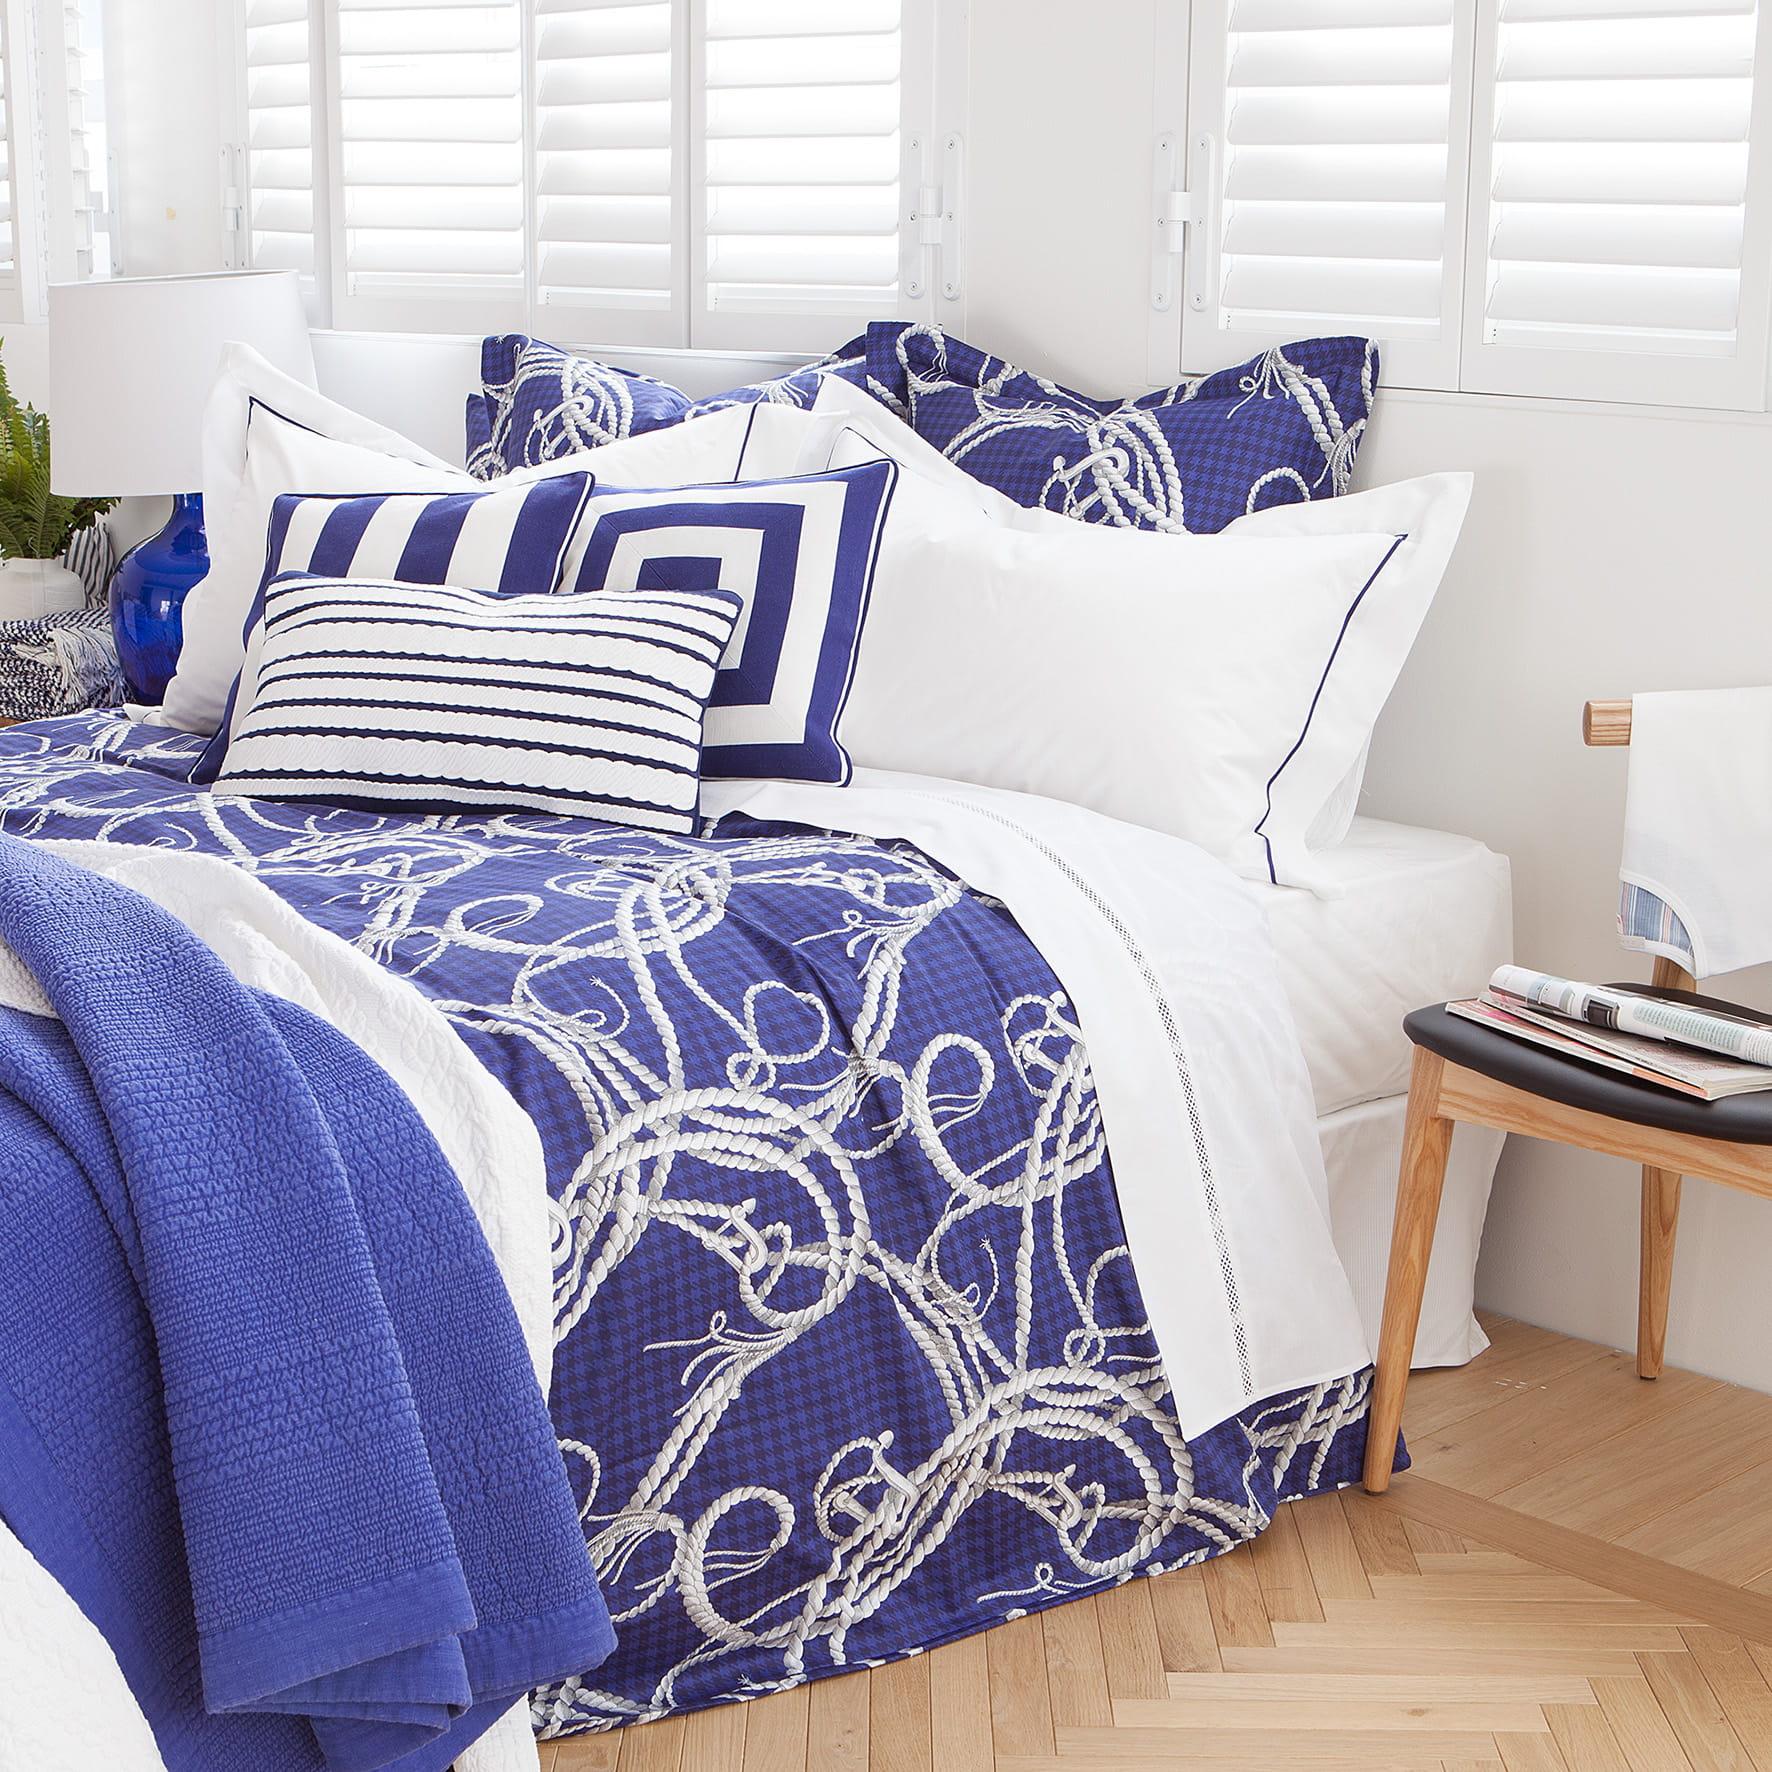 Linge De Lit Style Nautique De Zara Home